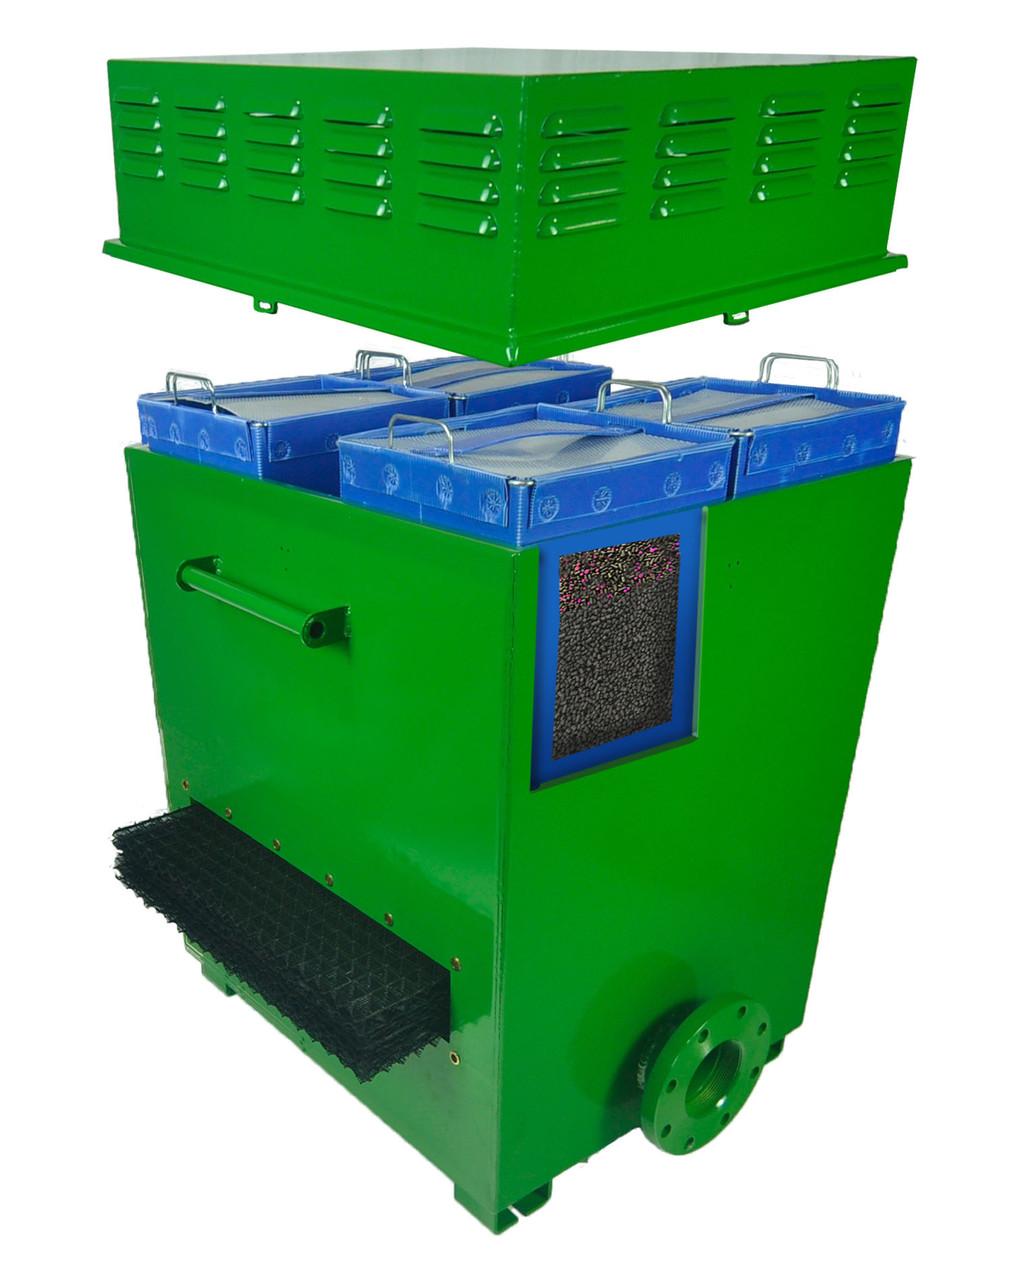 Канализационный фильтр для очистки воздуха Wager для рыбного хранилища, свинарника и тд. (25-80 м3 воздуха)